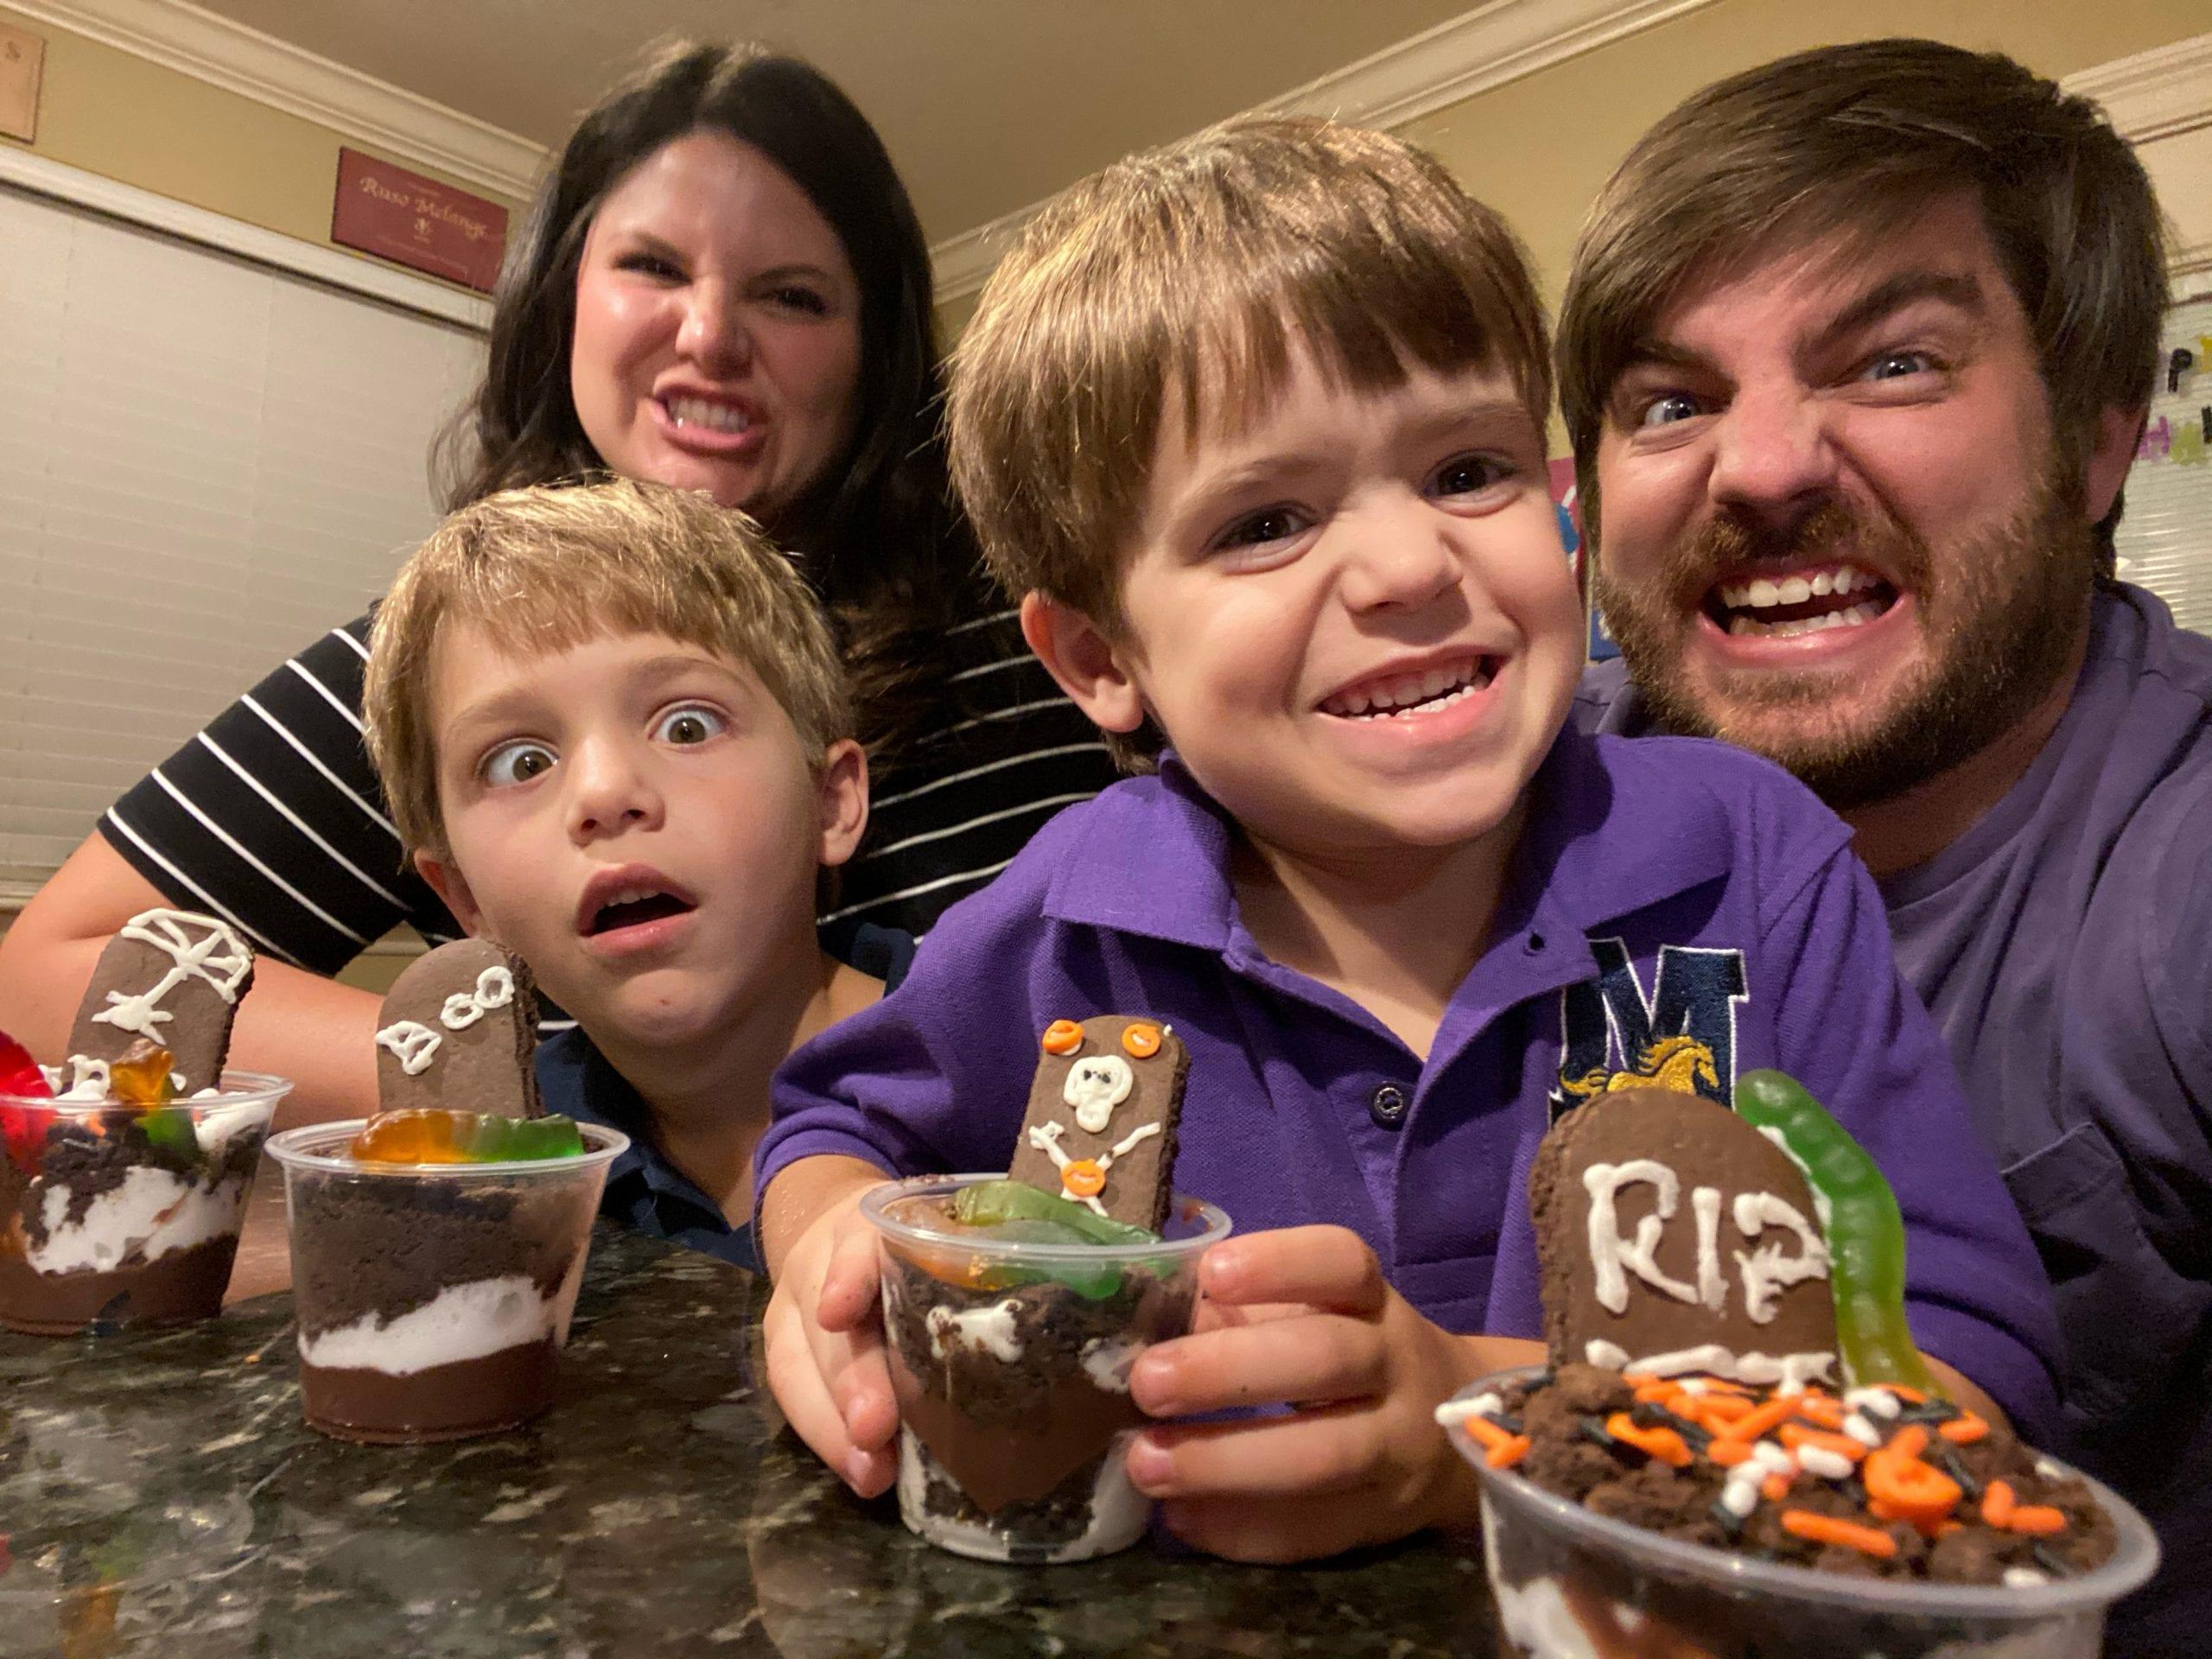 family activity of making halloween treats